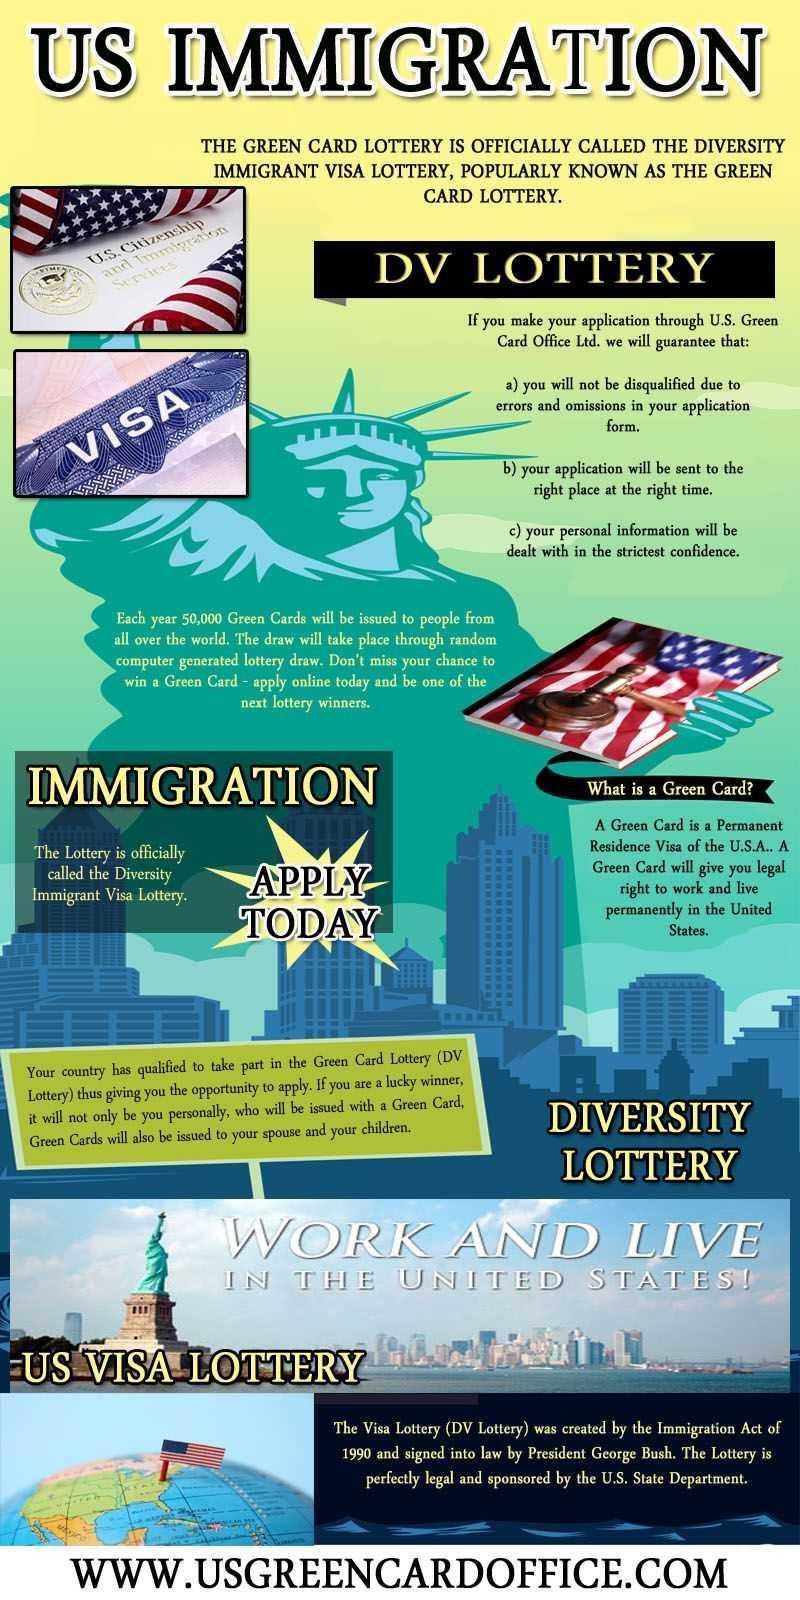 Loterie de la carte verte des États-Unis   programme de visa de diversité   dv-2022